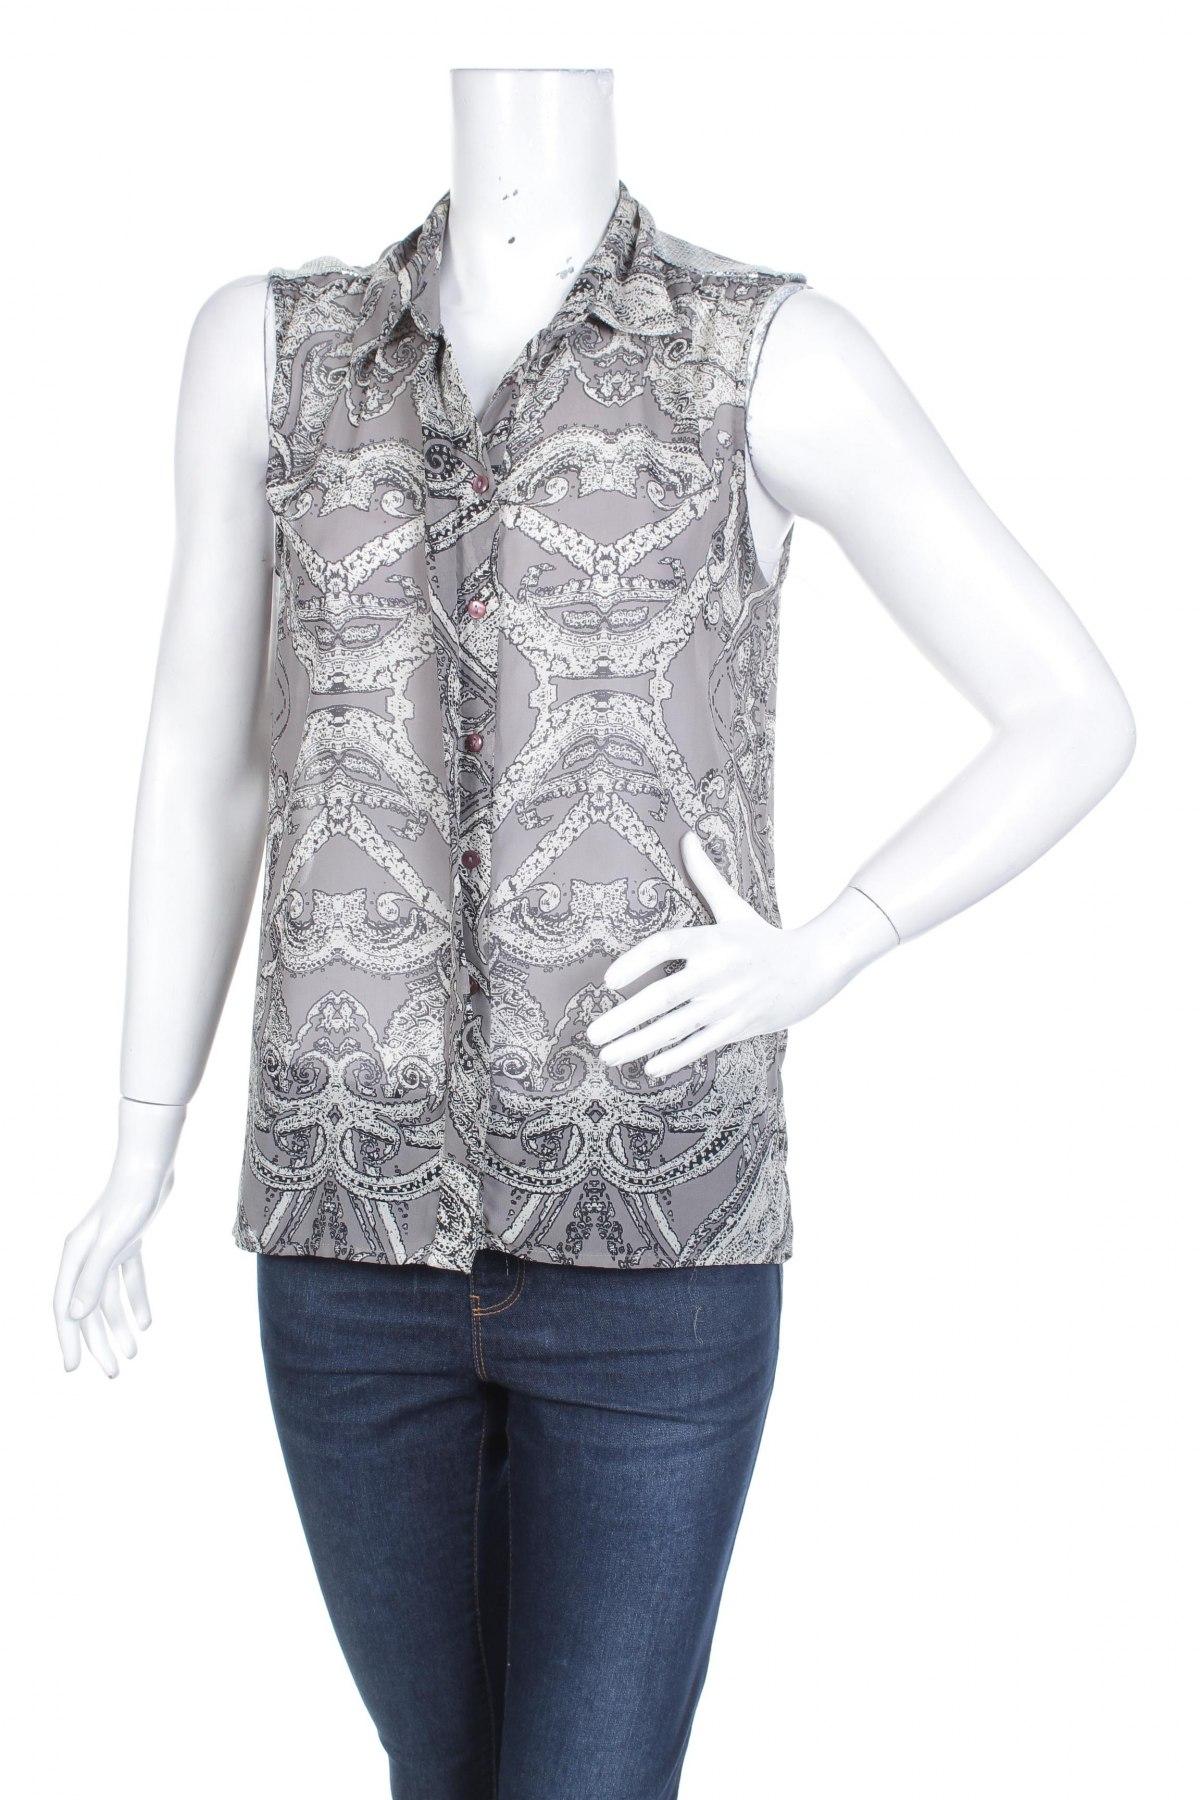 Γυναικείο πουκάμισο Vila, Μέγεθος M, Χρώμα Γκρί, 100% πολυεστέρας, Τιμή 11,75€